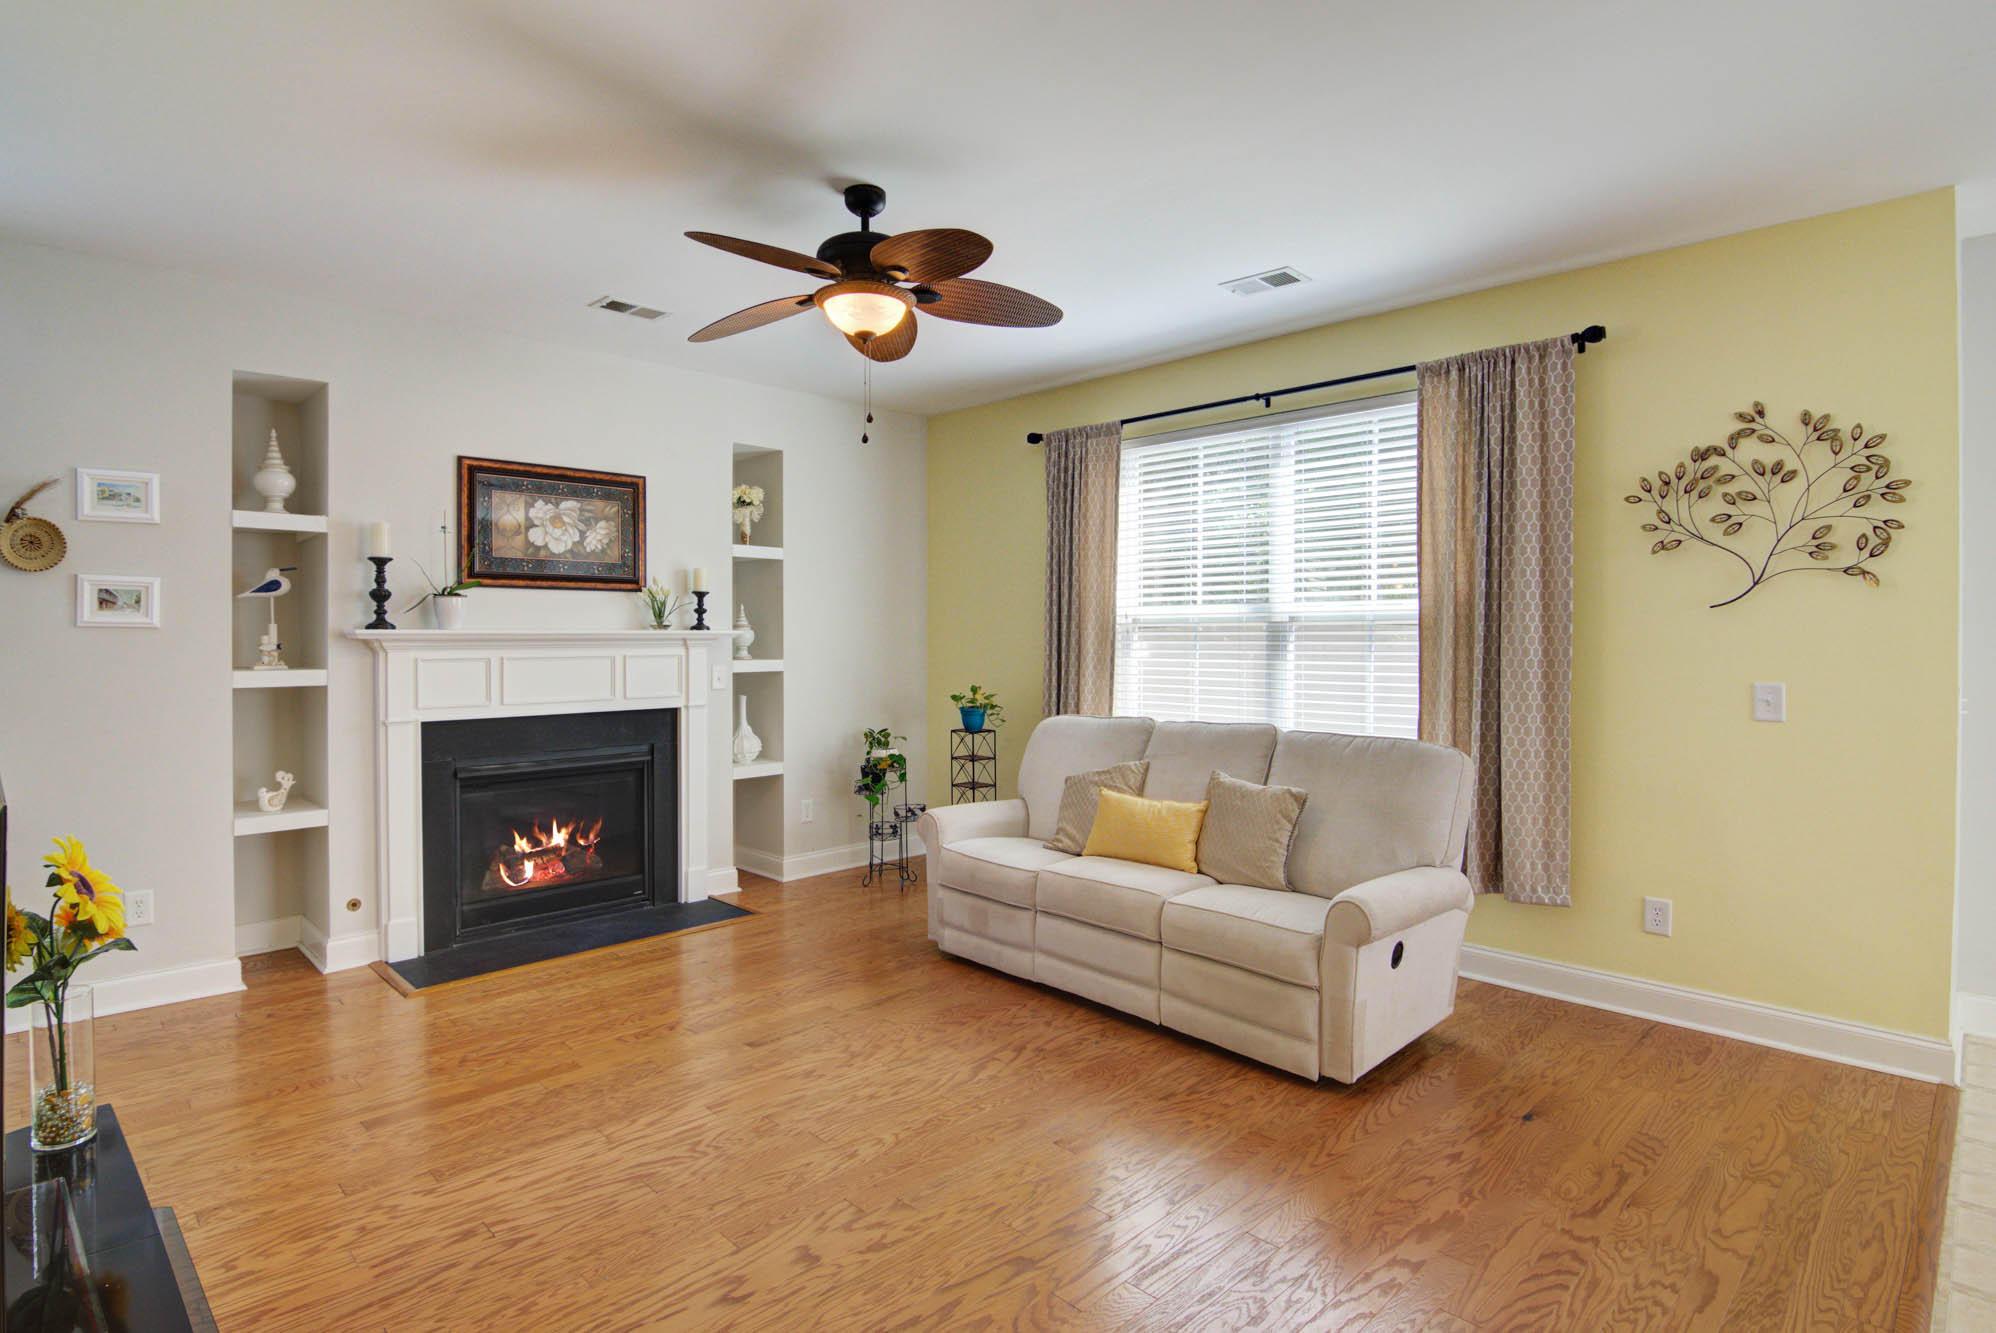 Carriage Hill Landing Homes For Sale - 1192 Landau, Mount Pleasant, SC - 0